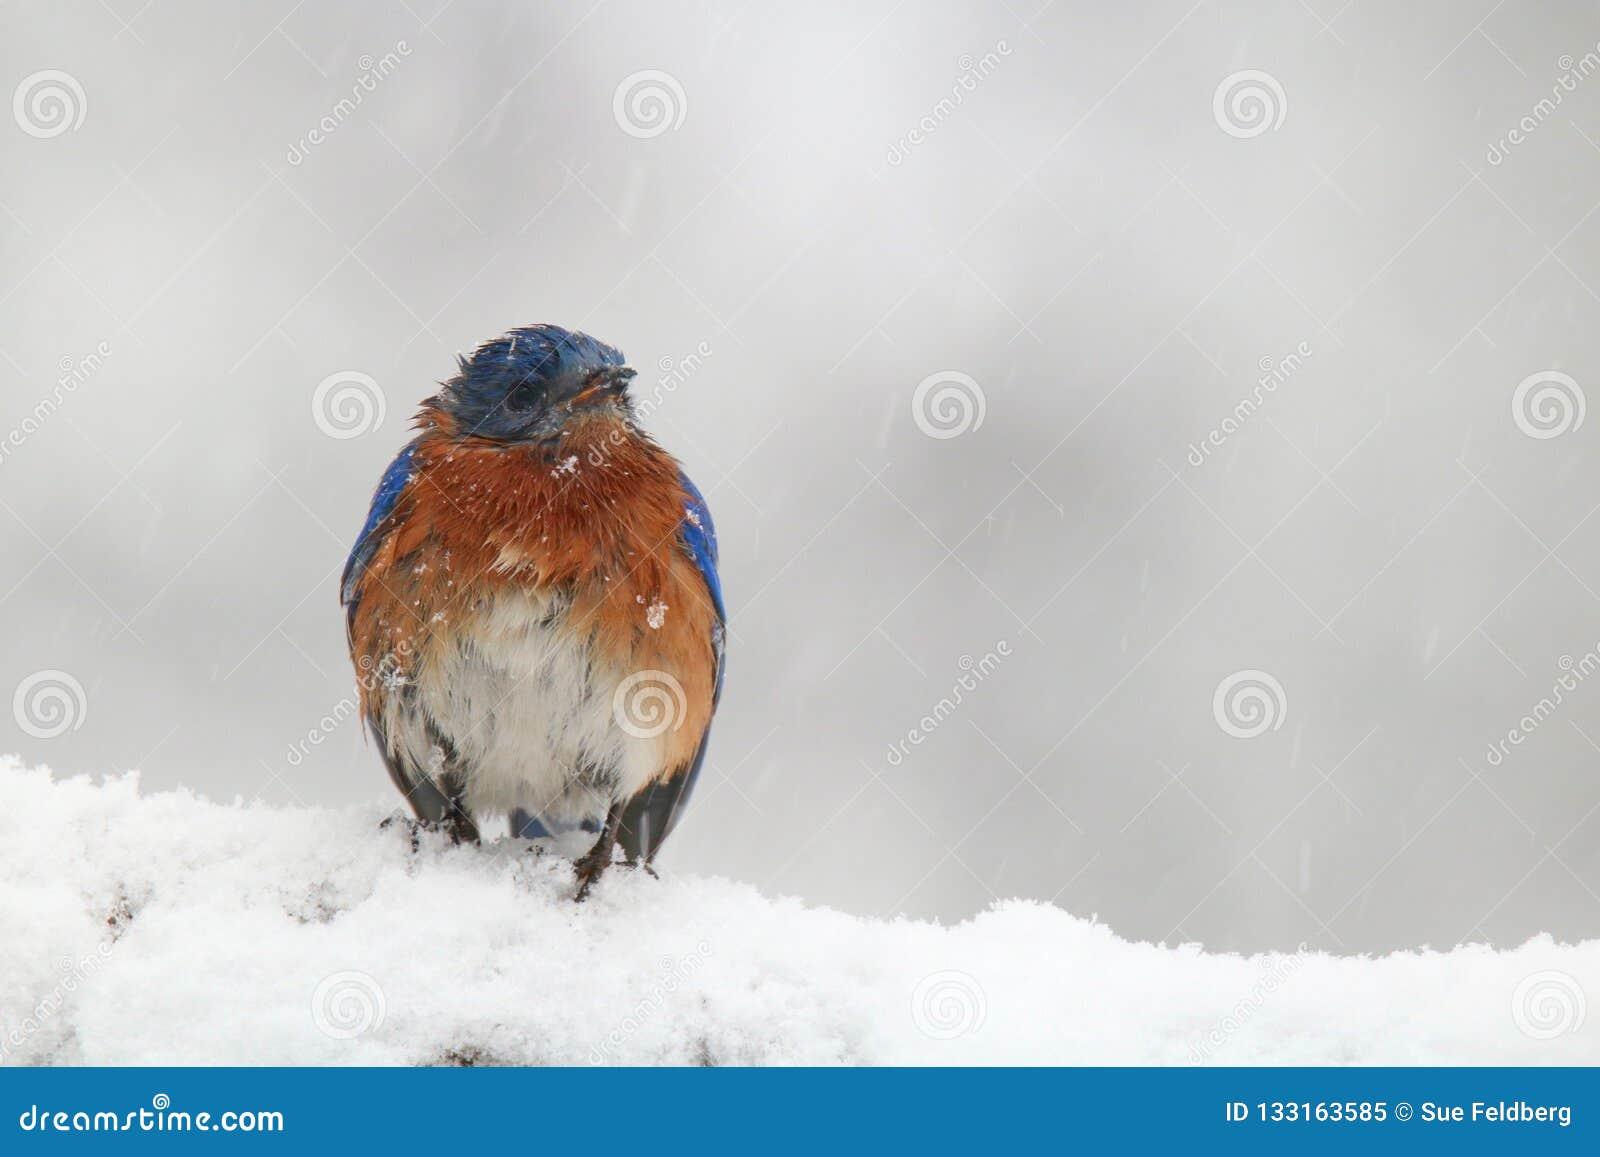 Ostdrossel in einem Sturm des verschneiten Winters